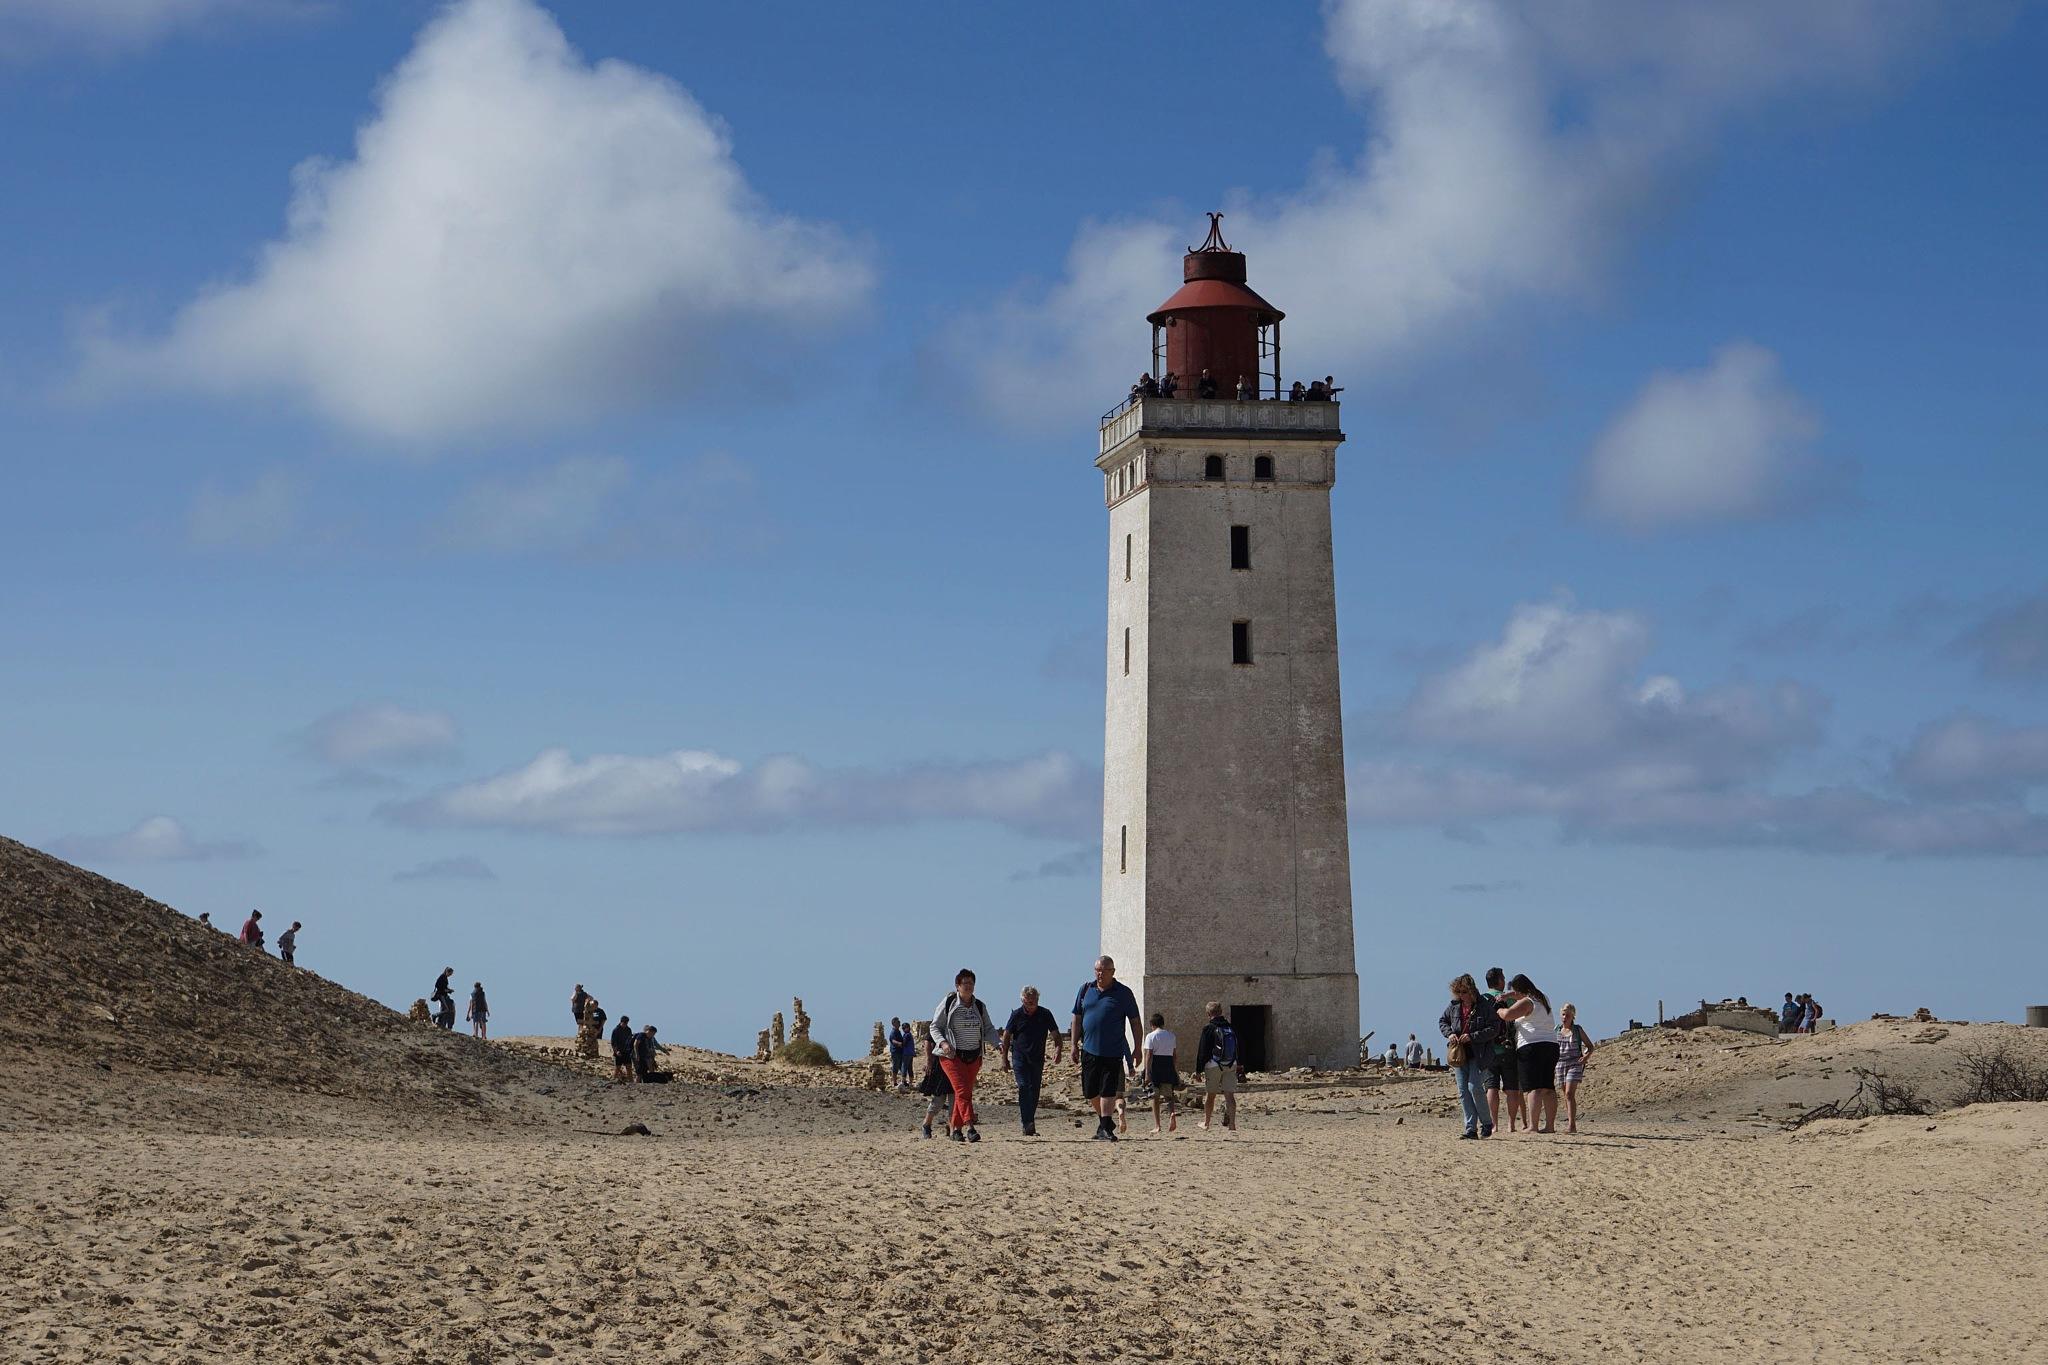 Lighthouse by Dorte Hedengran